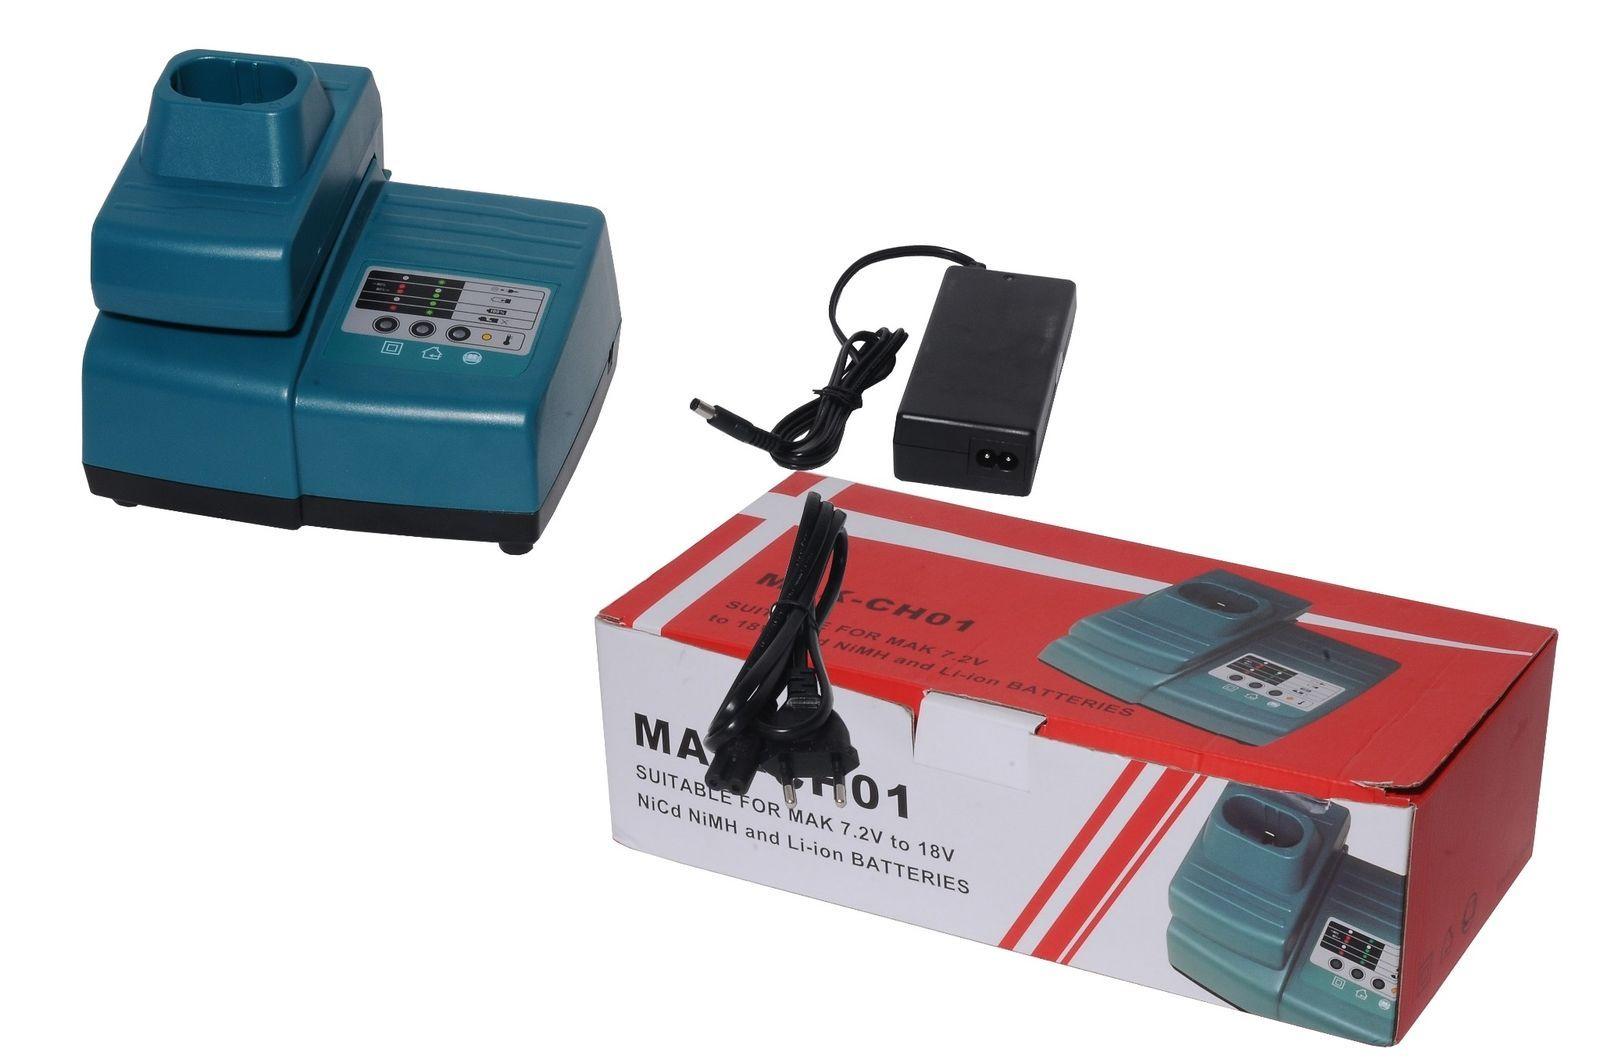 Max Charger for Makita DC18RA DC18SC DC1803 DC14SA 7.2V-18V Ni-CD/Ni-MH/ Li-ion image 2